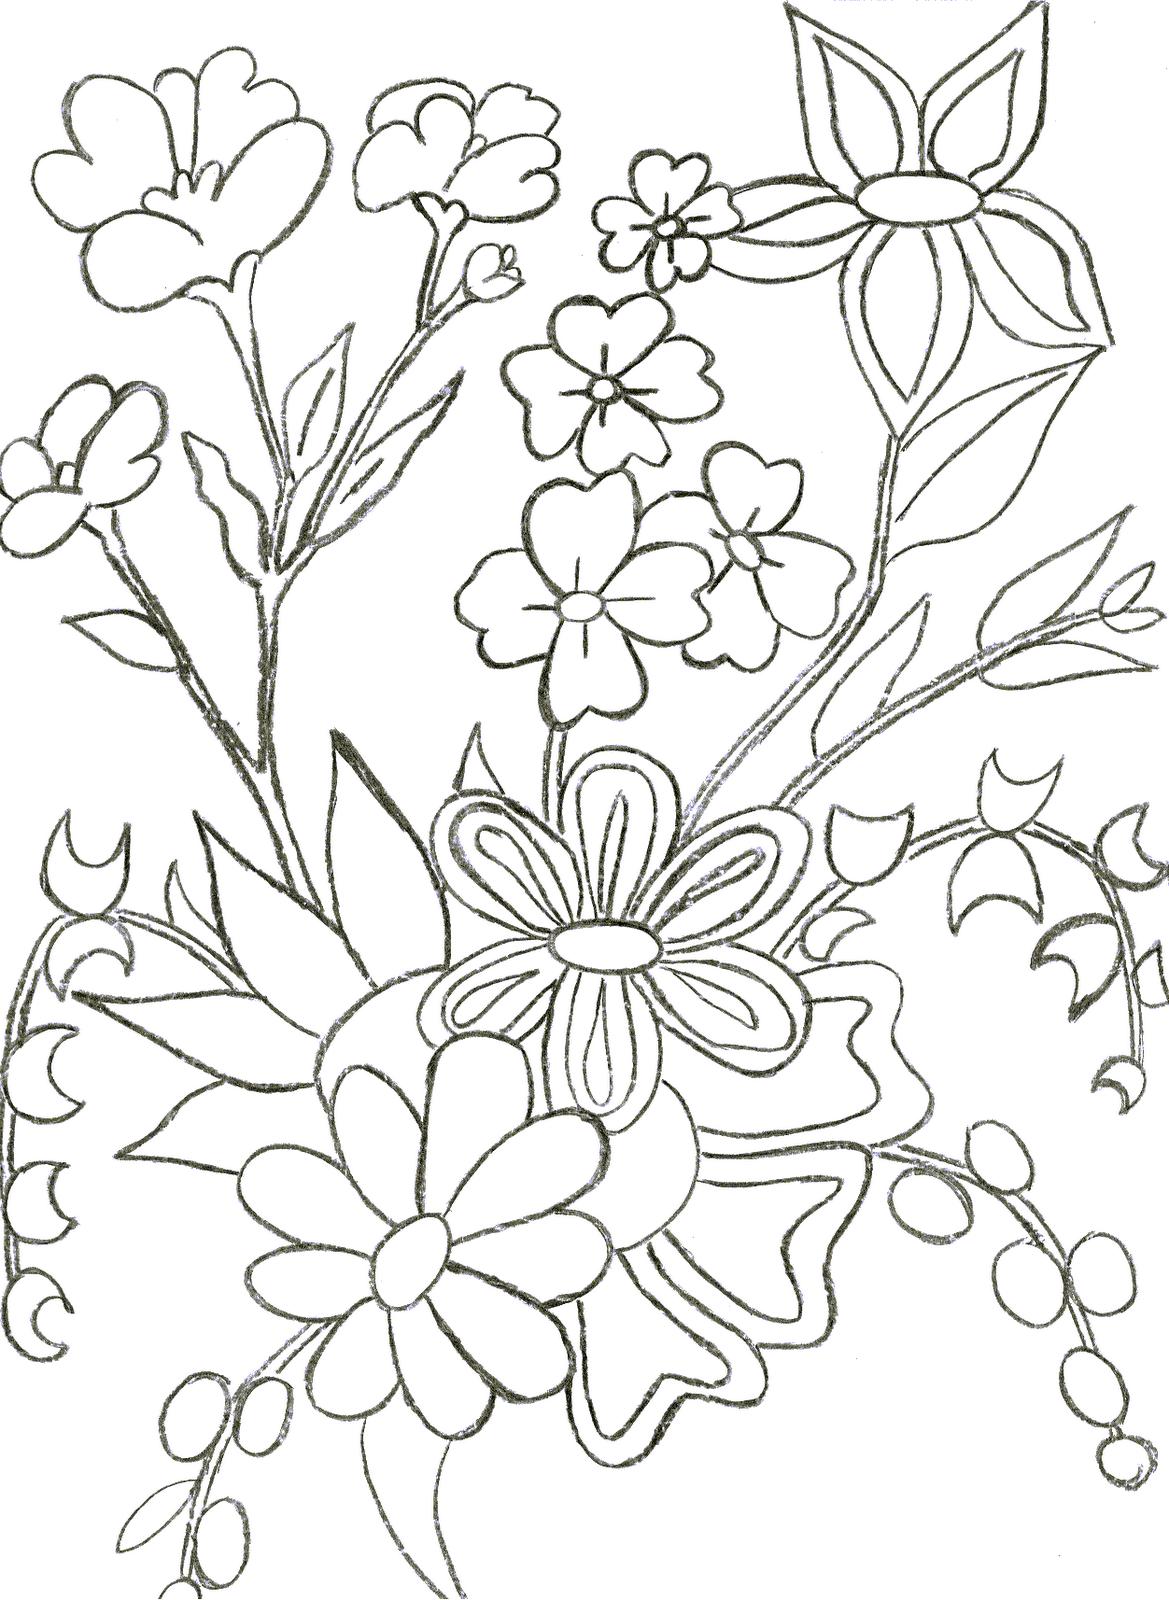 Imagens De Desenhos Da Primavera